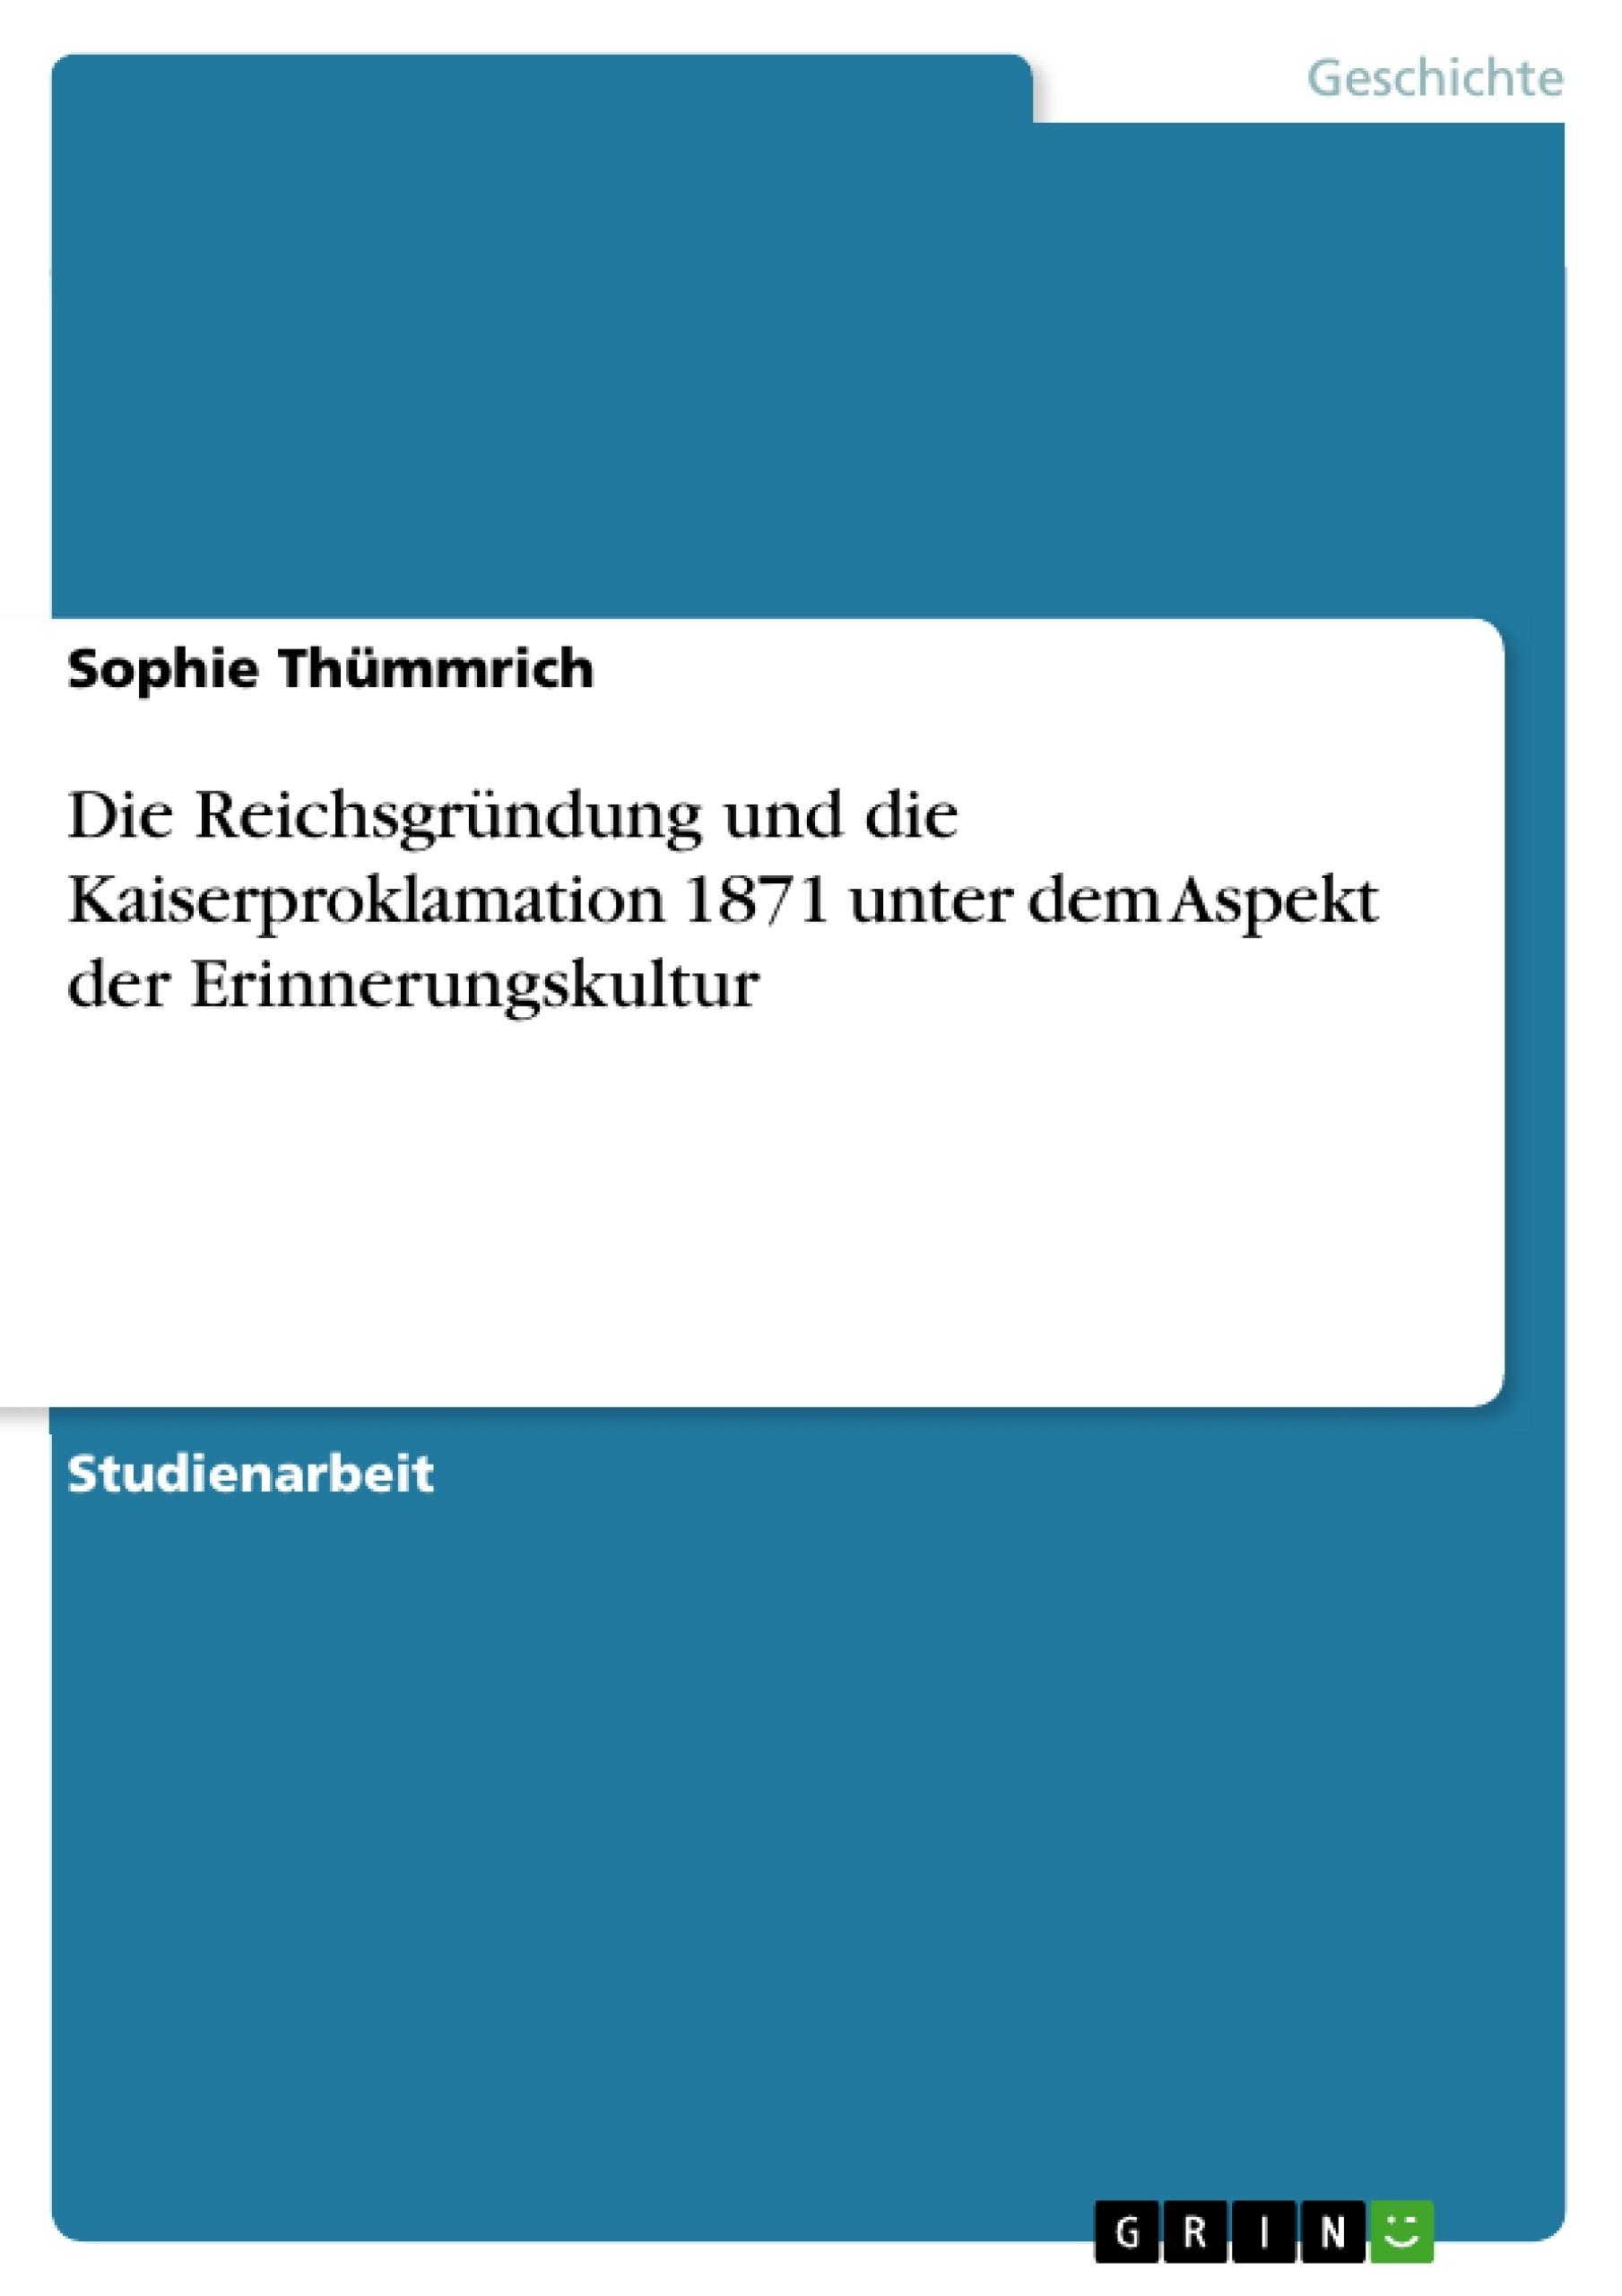 Titel: Die Reichsgründung und die Kaiserproklamation 1871 unter dem Aspekt der Erinnerungskultur